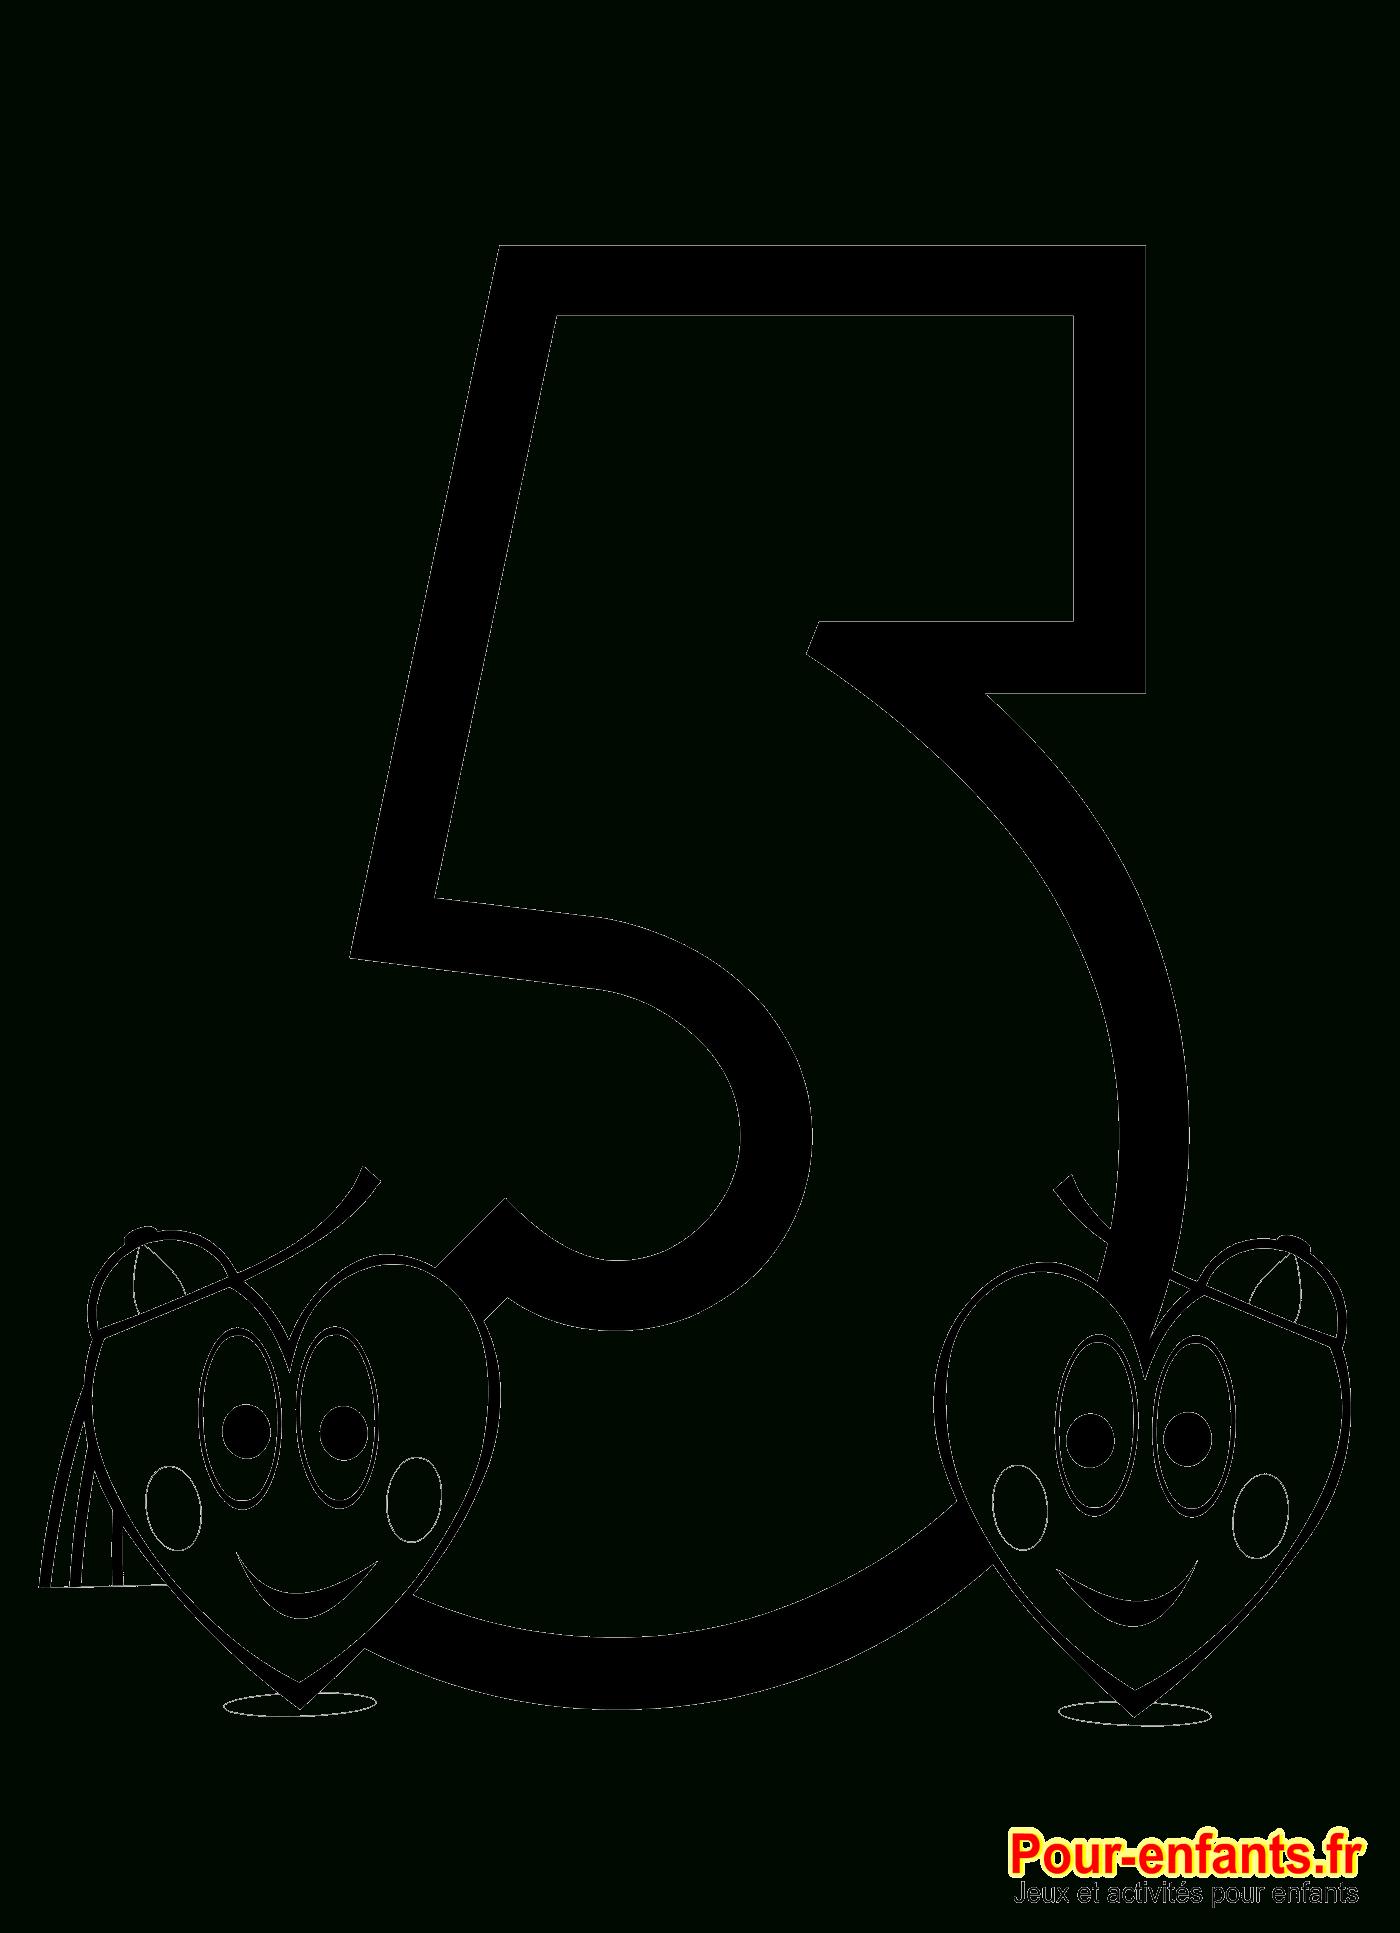 Coloriage Chiffre 5 À Imprimer Nombre 5 Apprendre Chiffres dedans Chiffre Pour Enfant